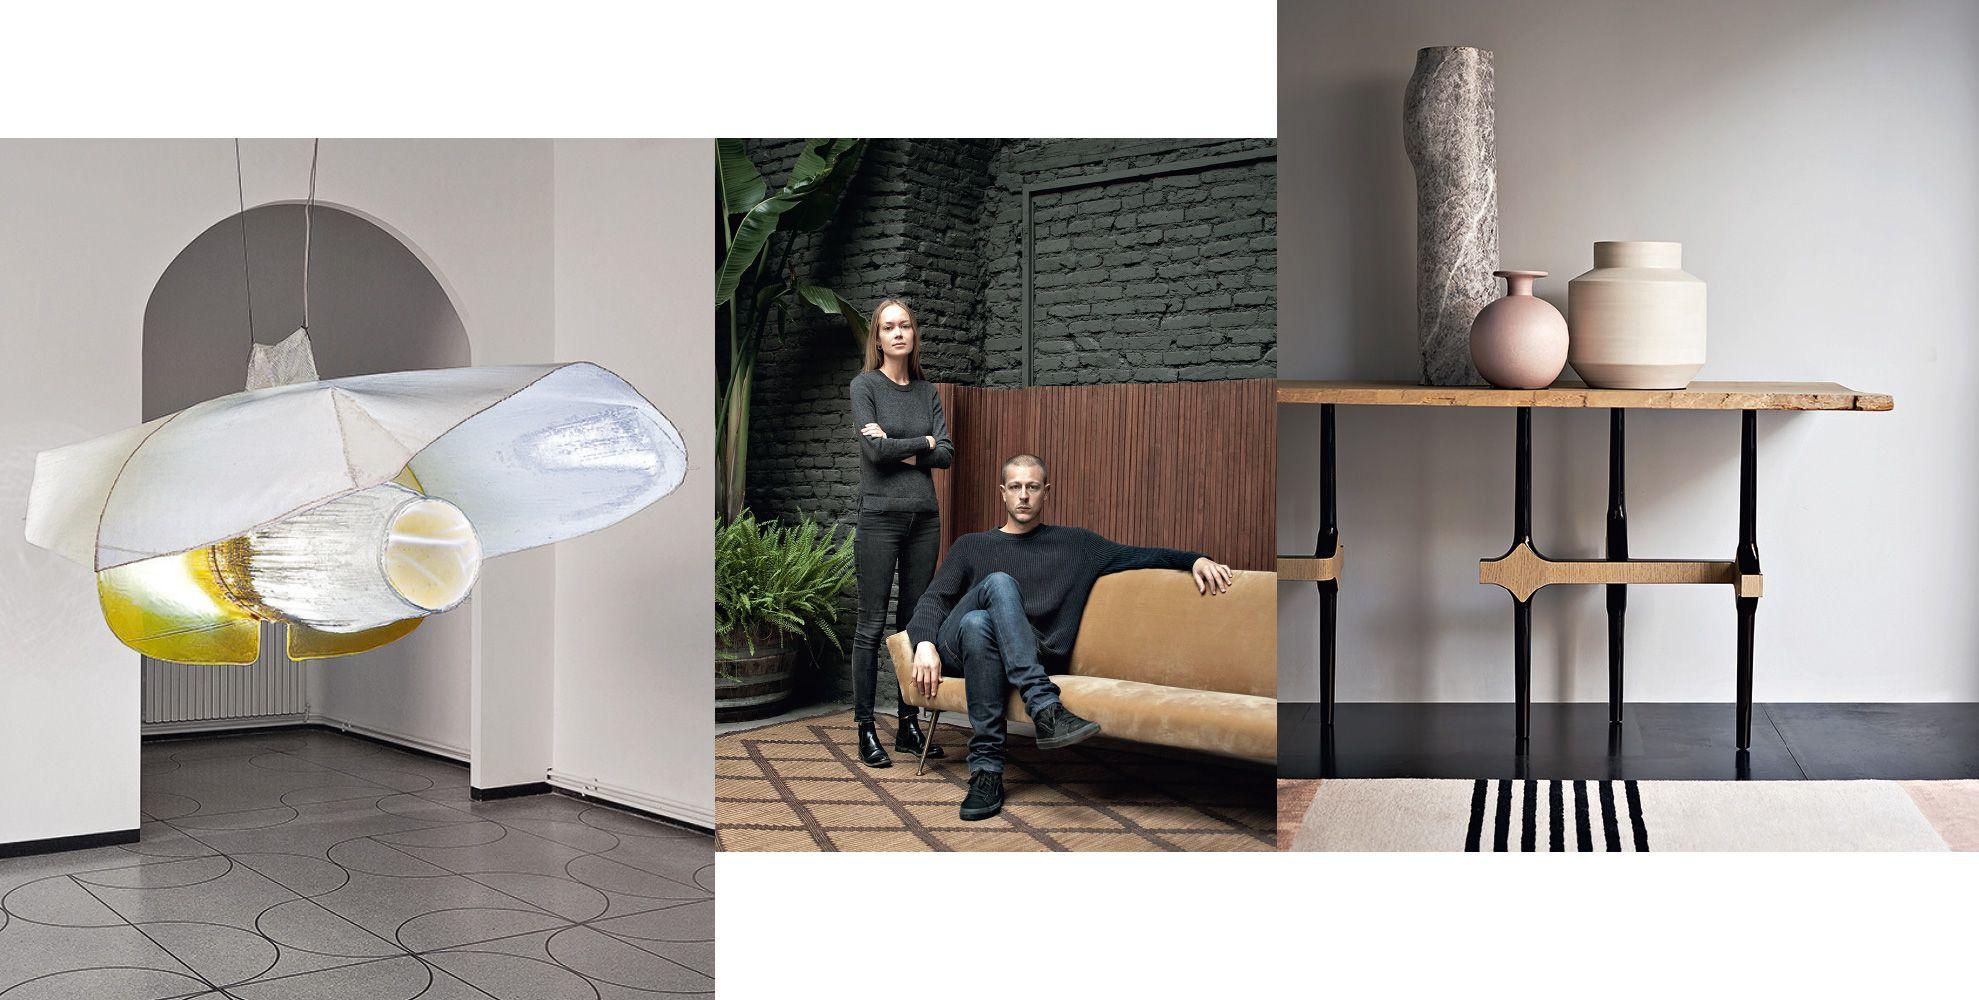 Arredamento Pop Art Milano : I indirizzi top a milano per lo shopping di design